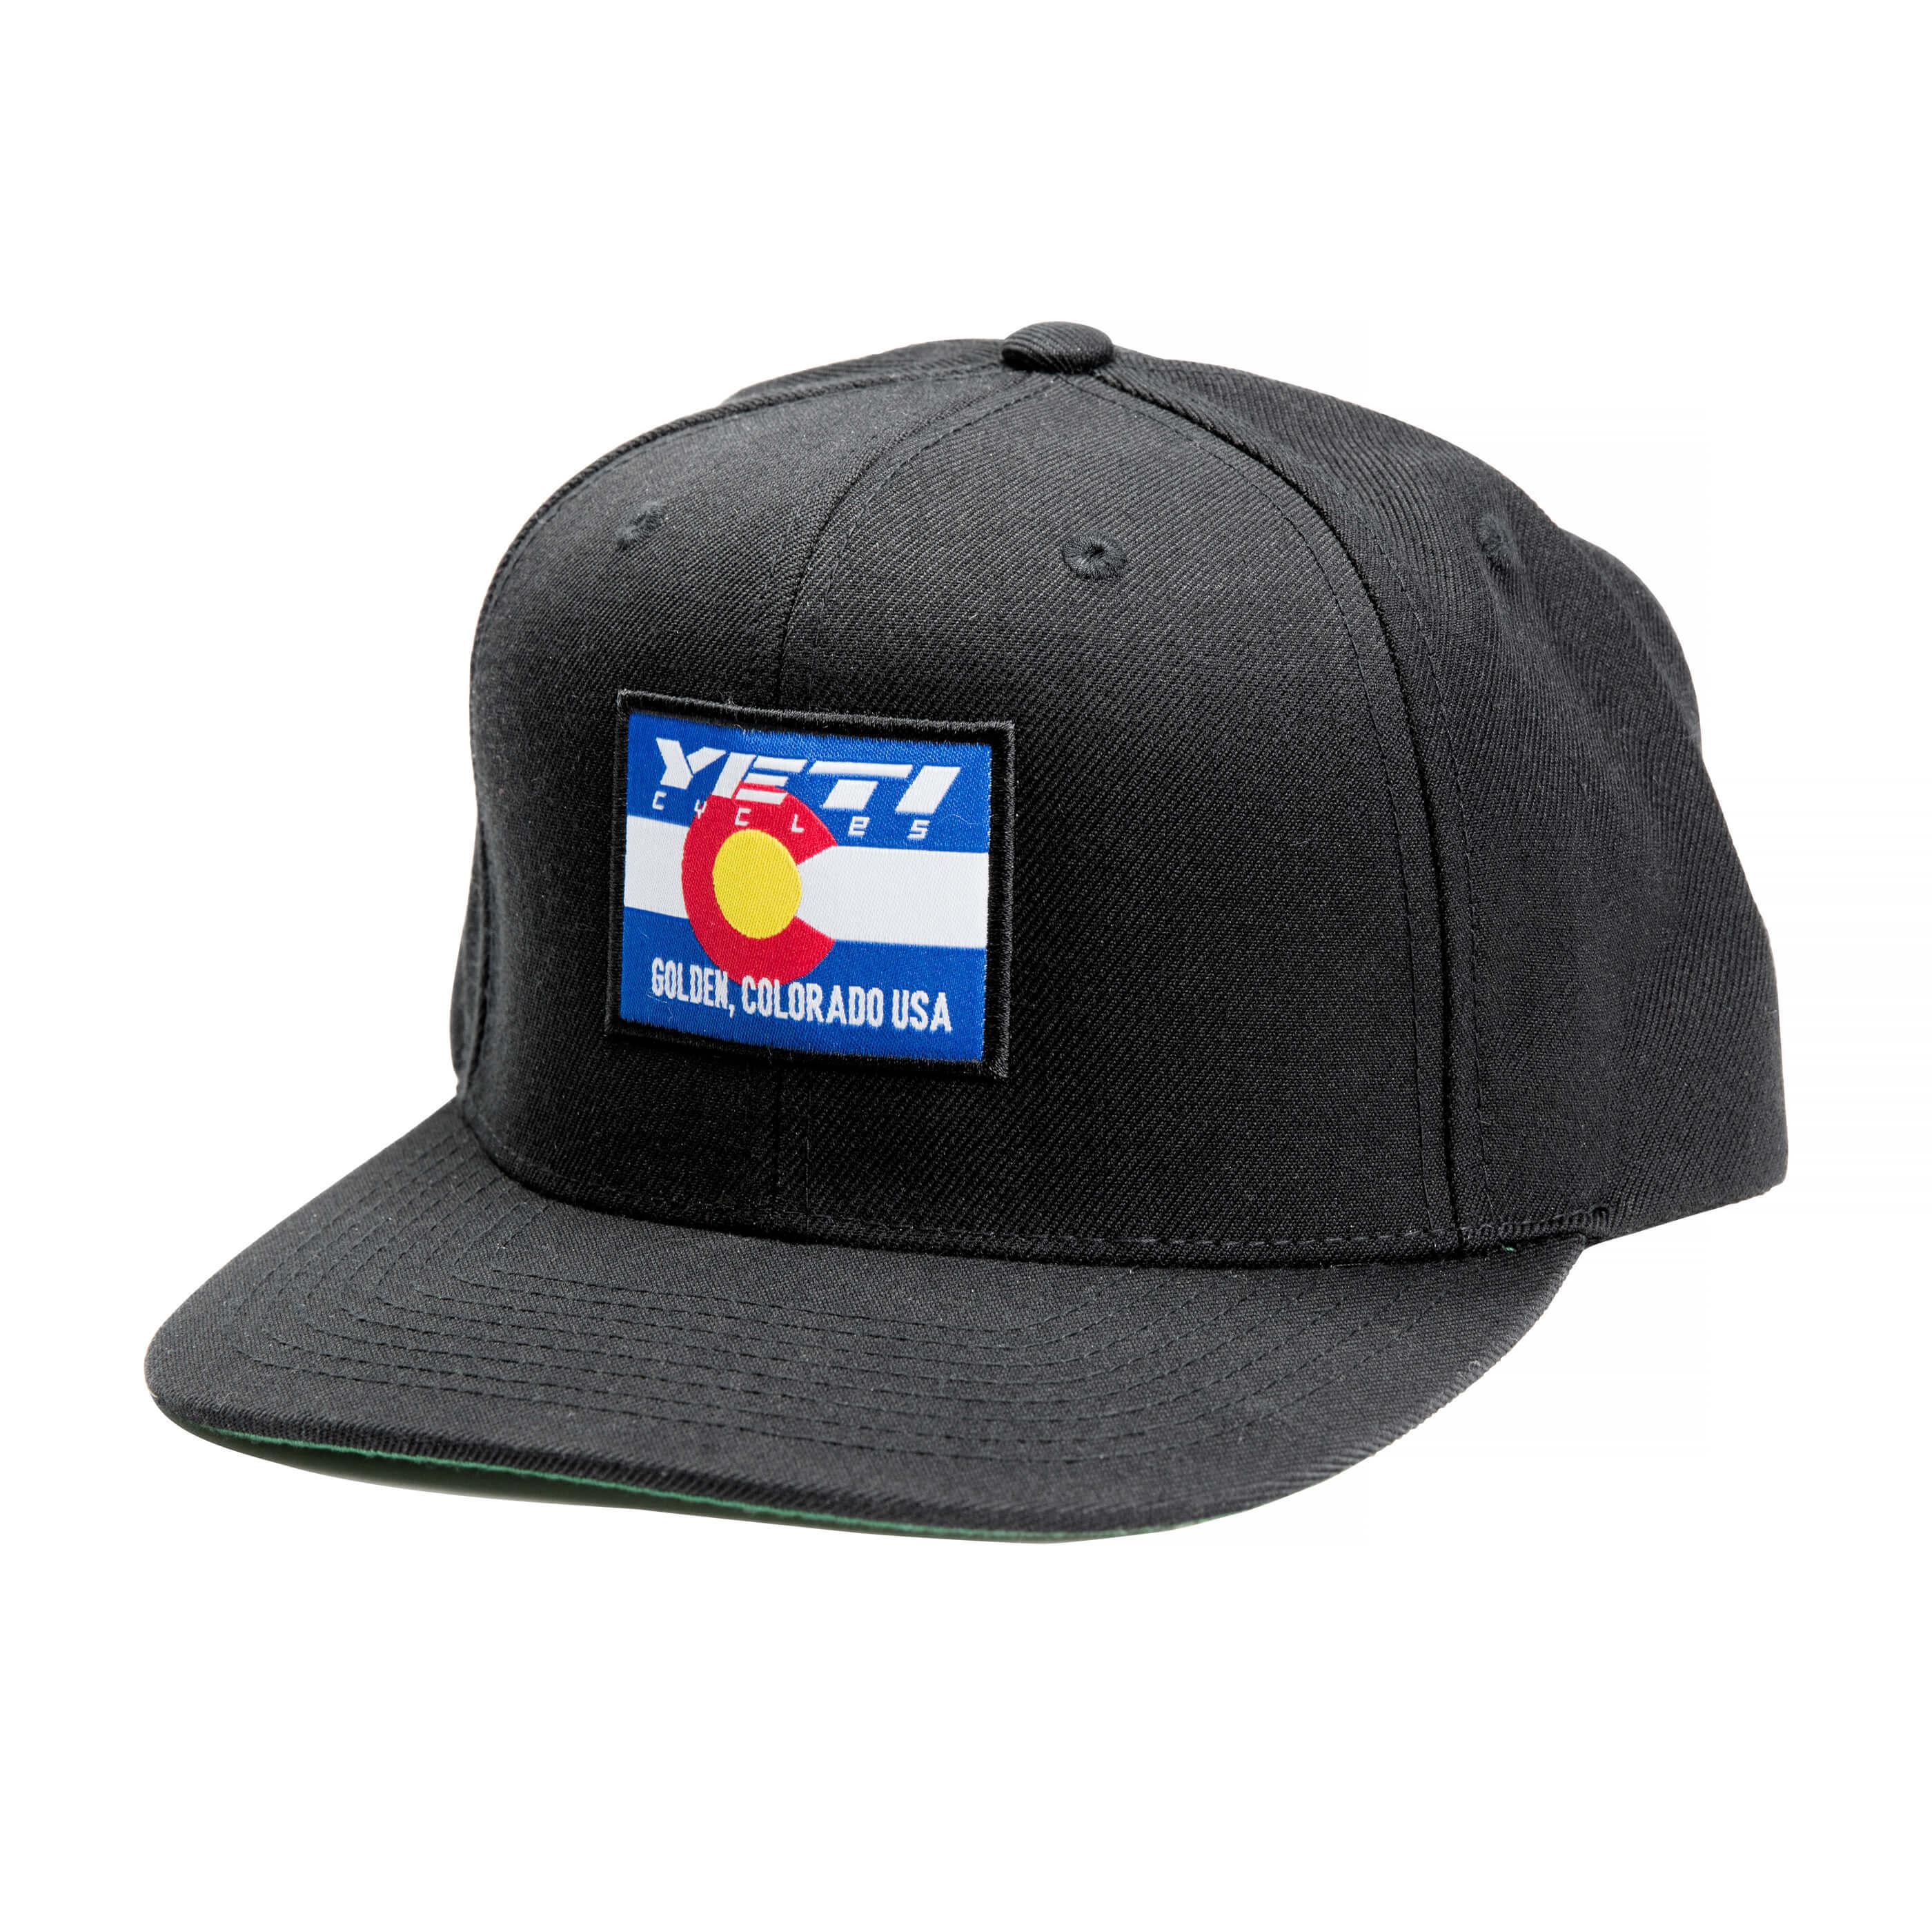 3608eb748e1fd YETI FLAT SNAPBACK HAT ...